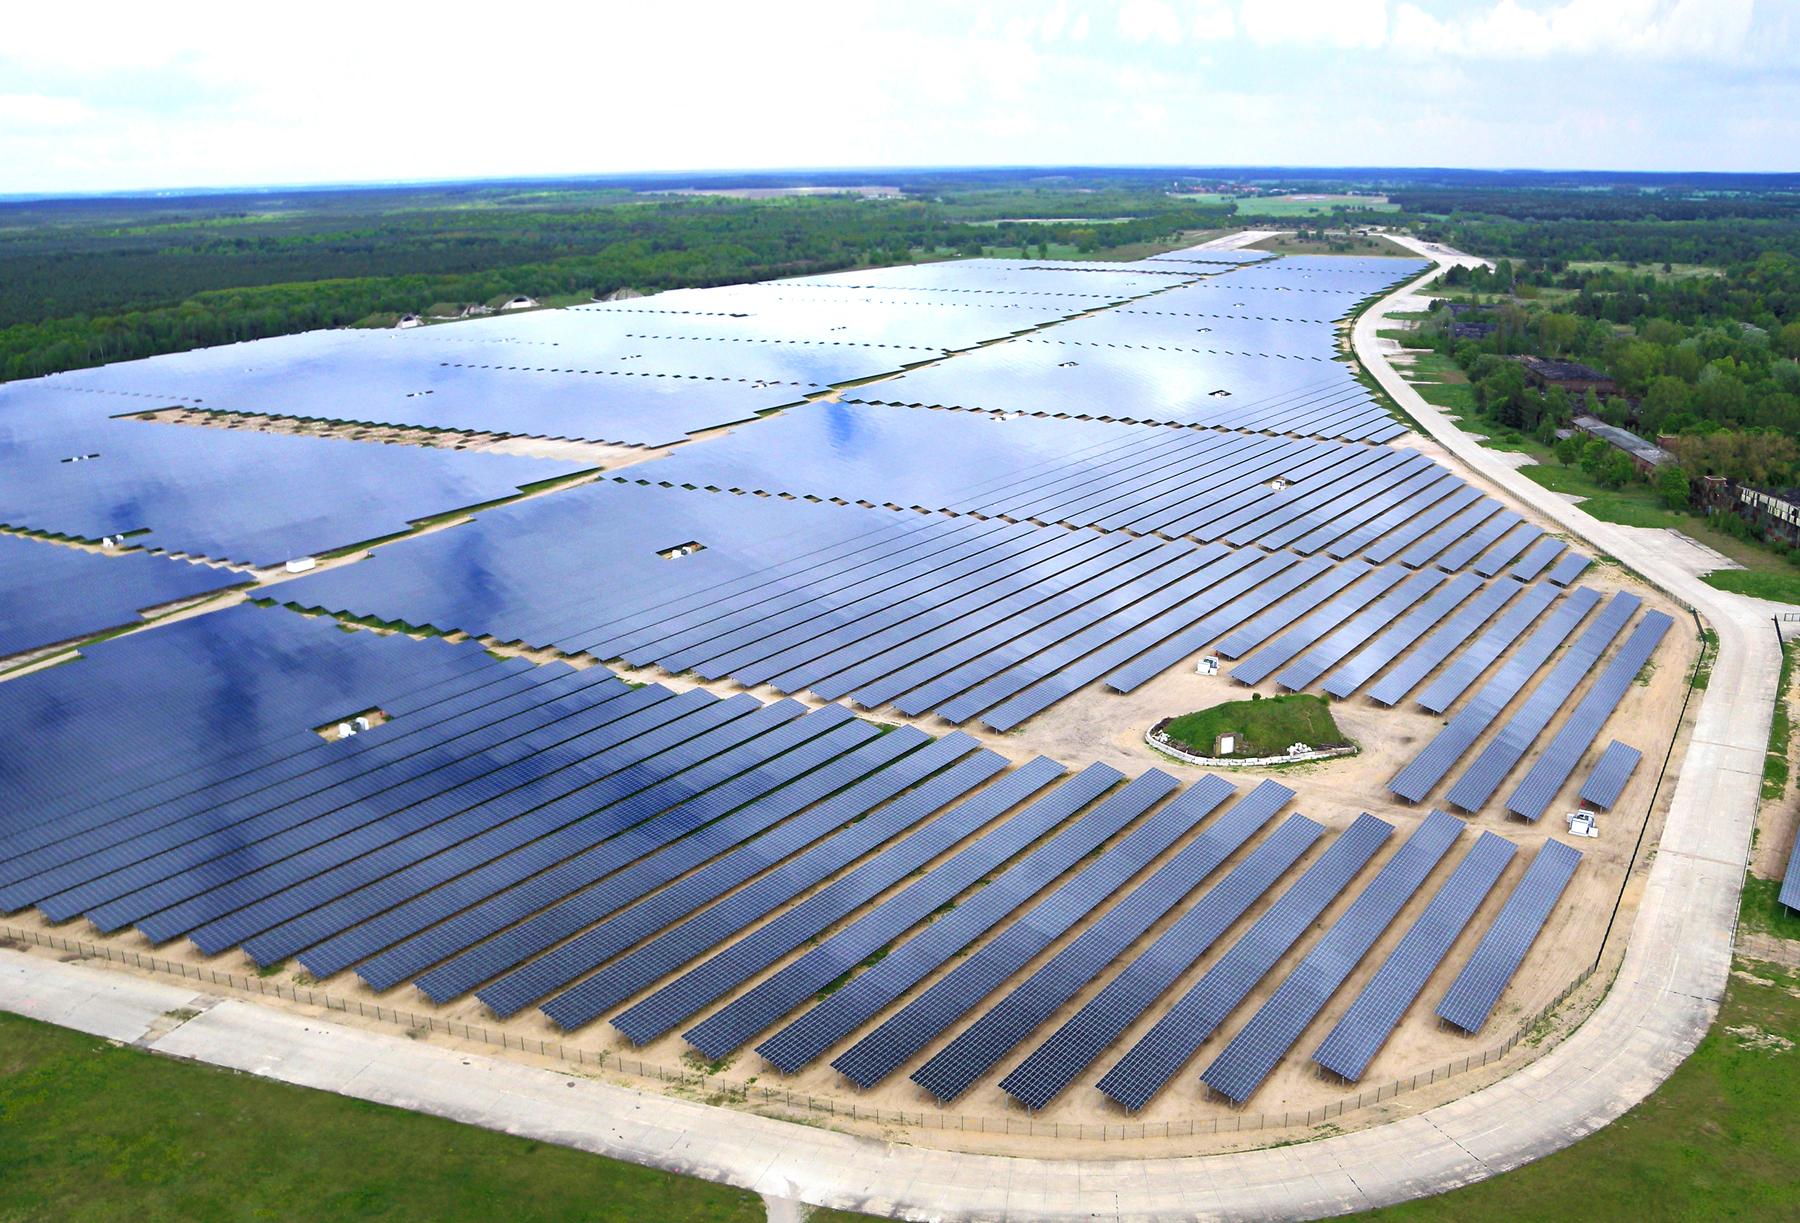 Photovoltaik-Investor DEB Deutsche Energie Beratung kritisiert Bundesregierung